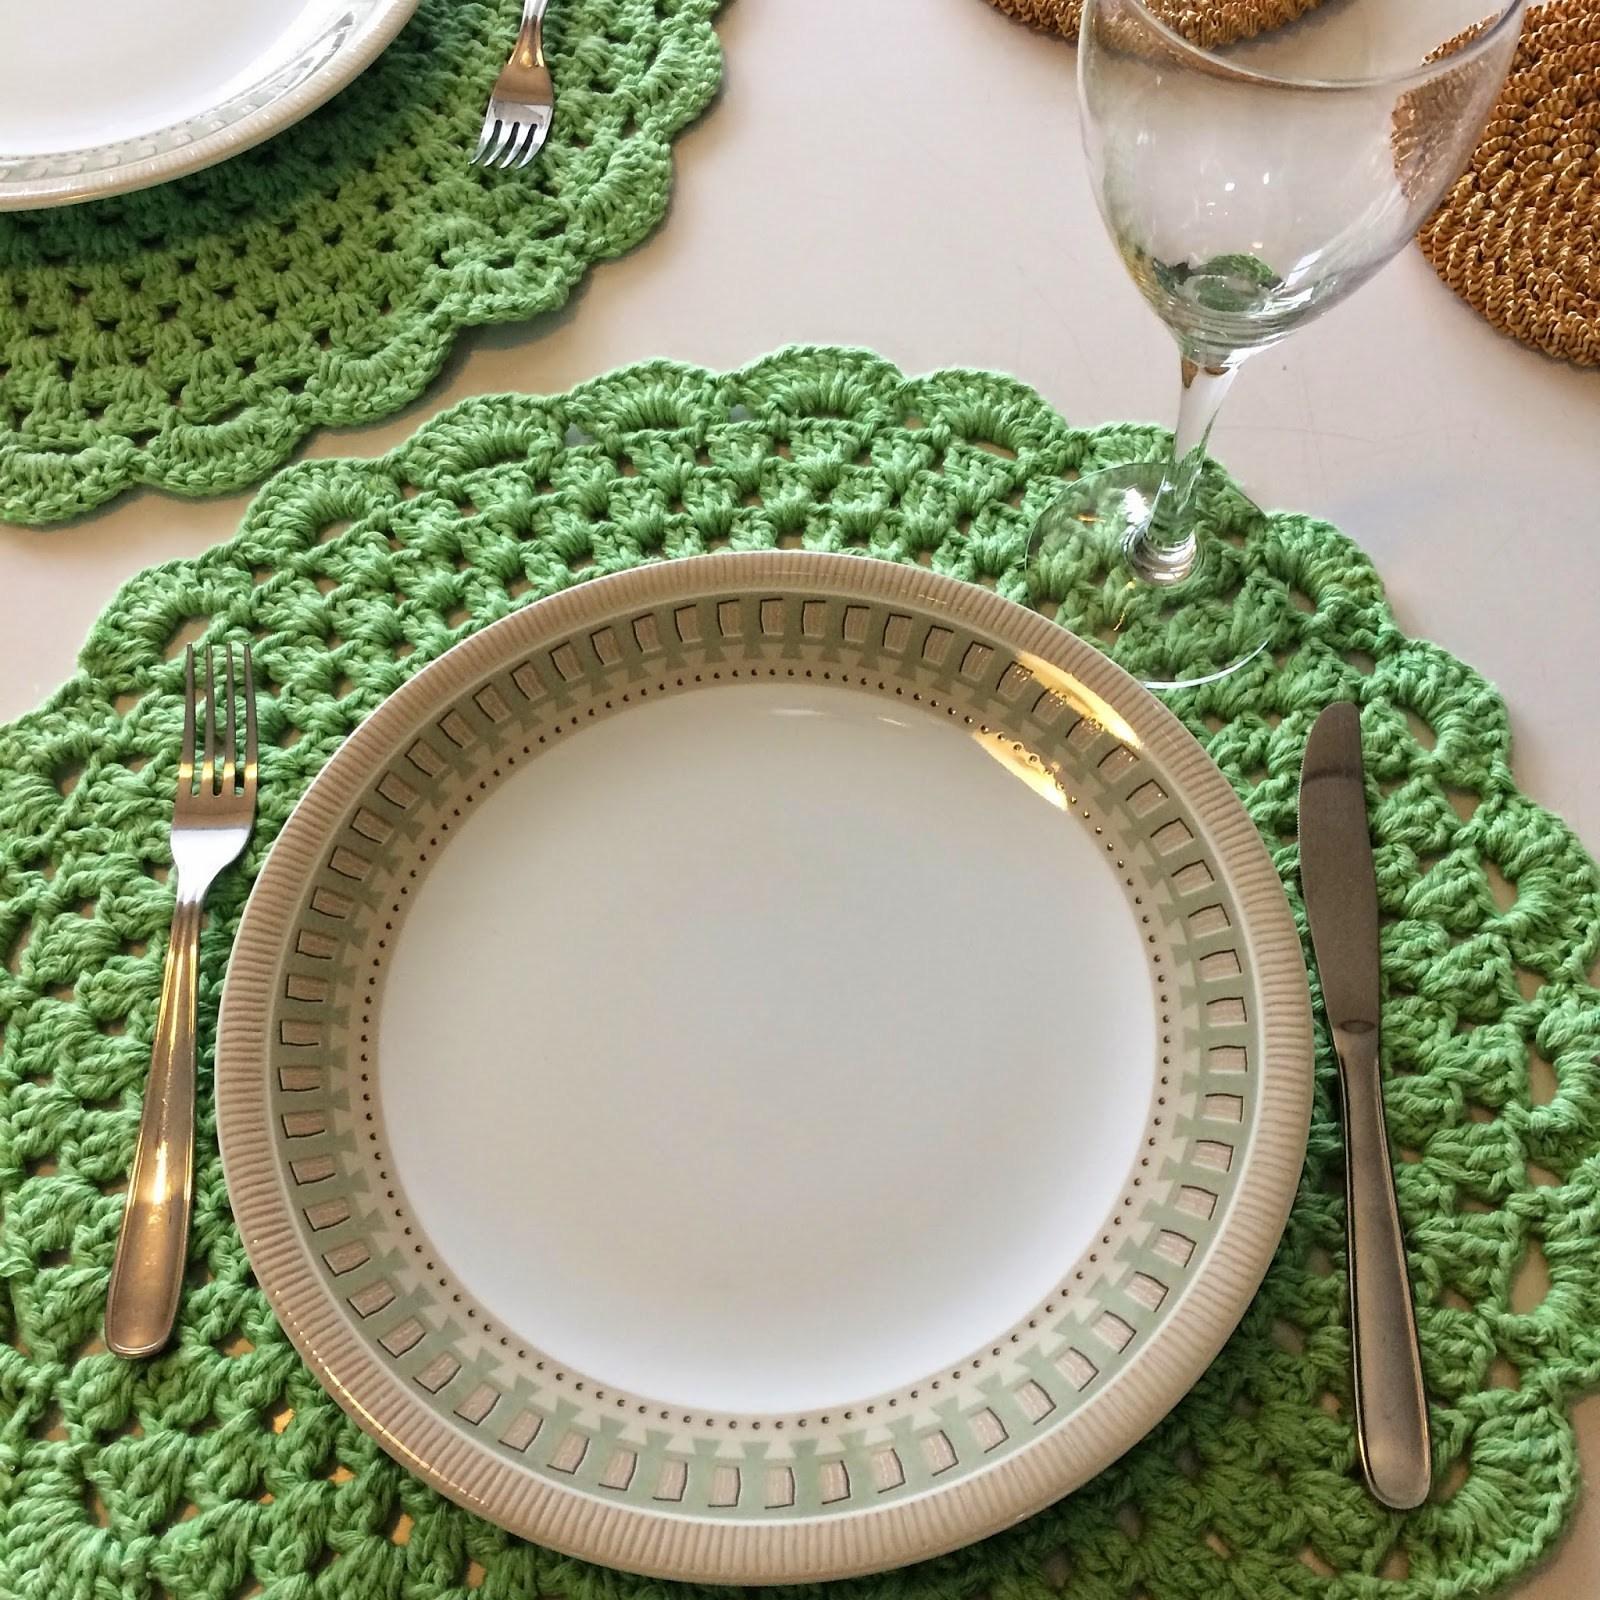 O sousplat serve de apoio para prato, para proteger a toalha e demarcar o lugar na mesa.